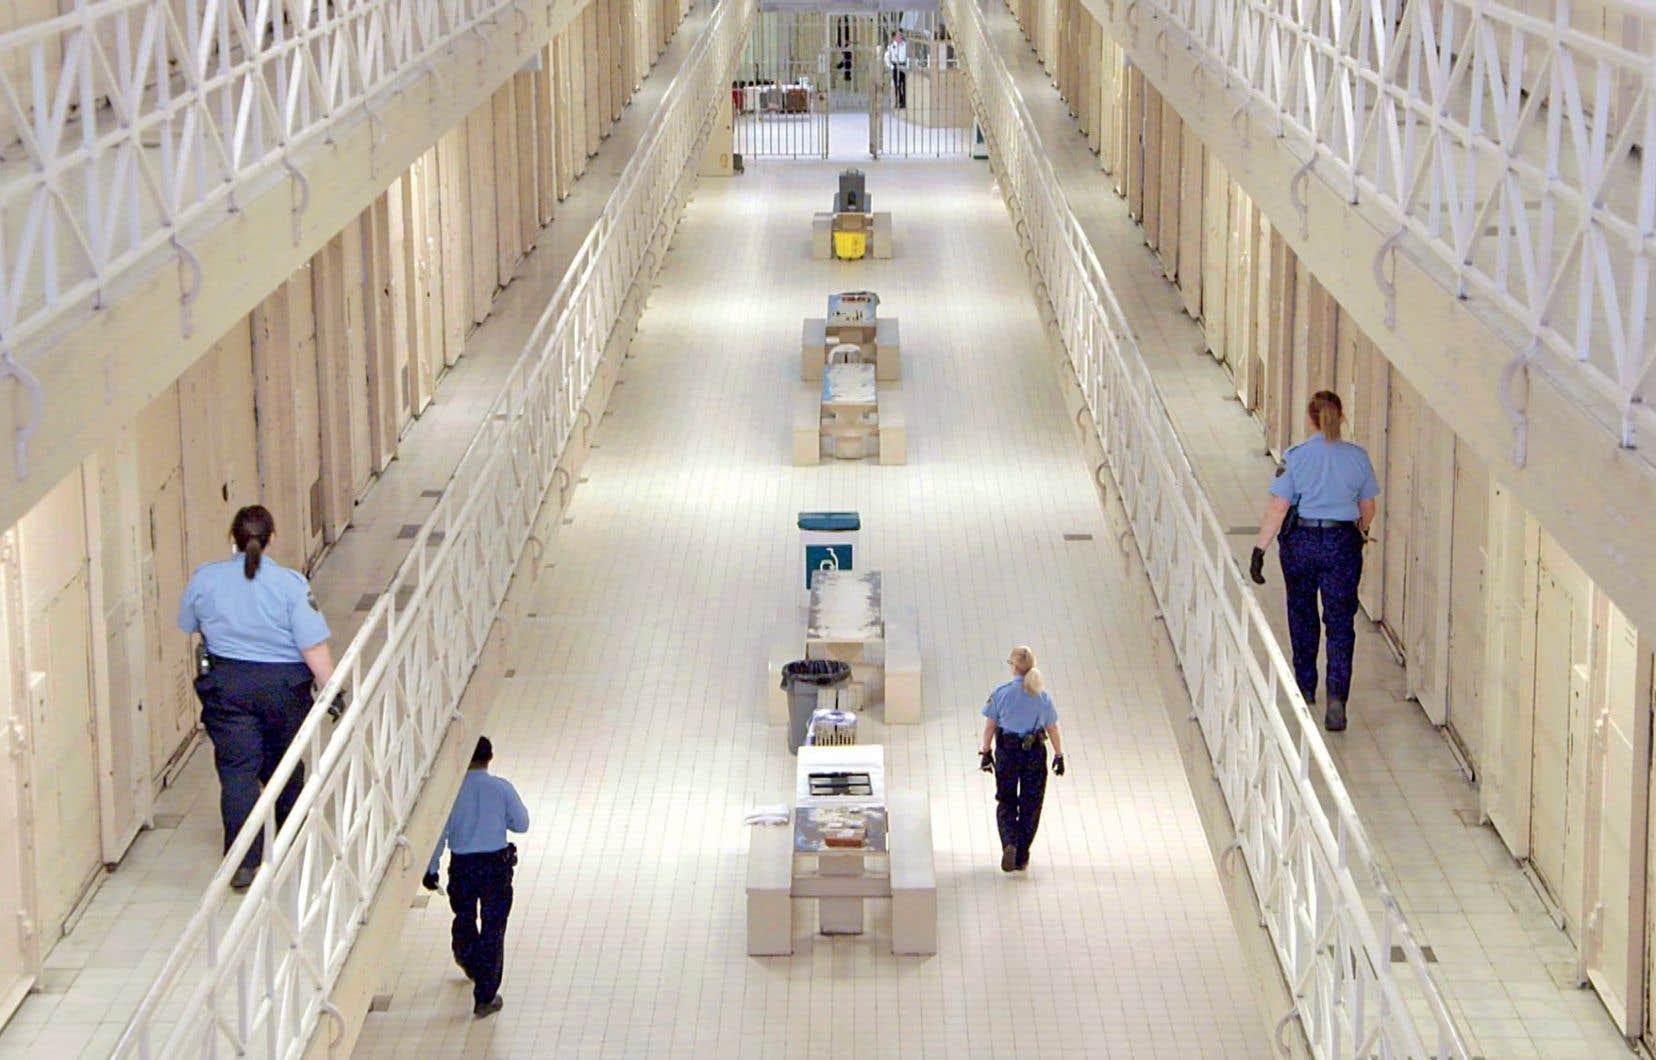 Les détenus font preuve d'ingéniosité pour réussir à camoufler des objets qui sont interdits en prison.